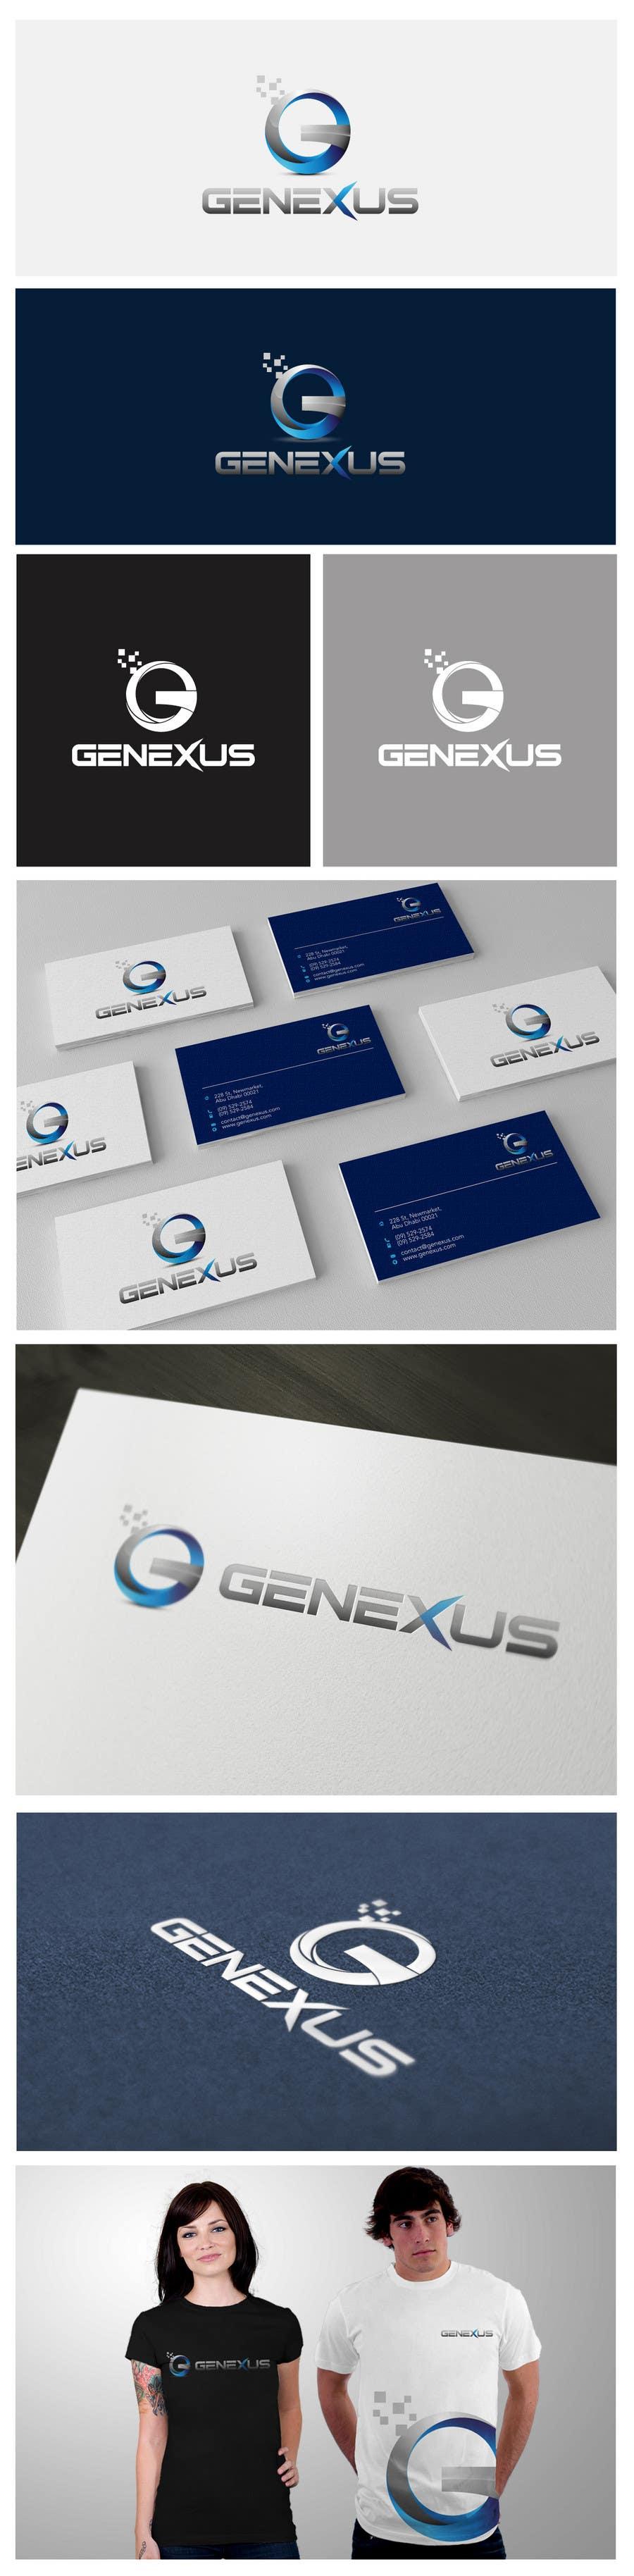 Konkurrenceindlæg #117 for Logo Design for GENEXUS